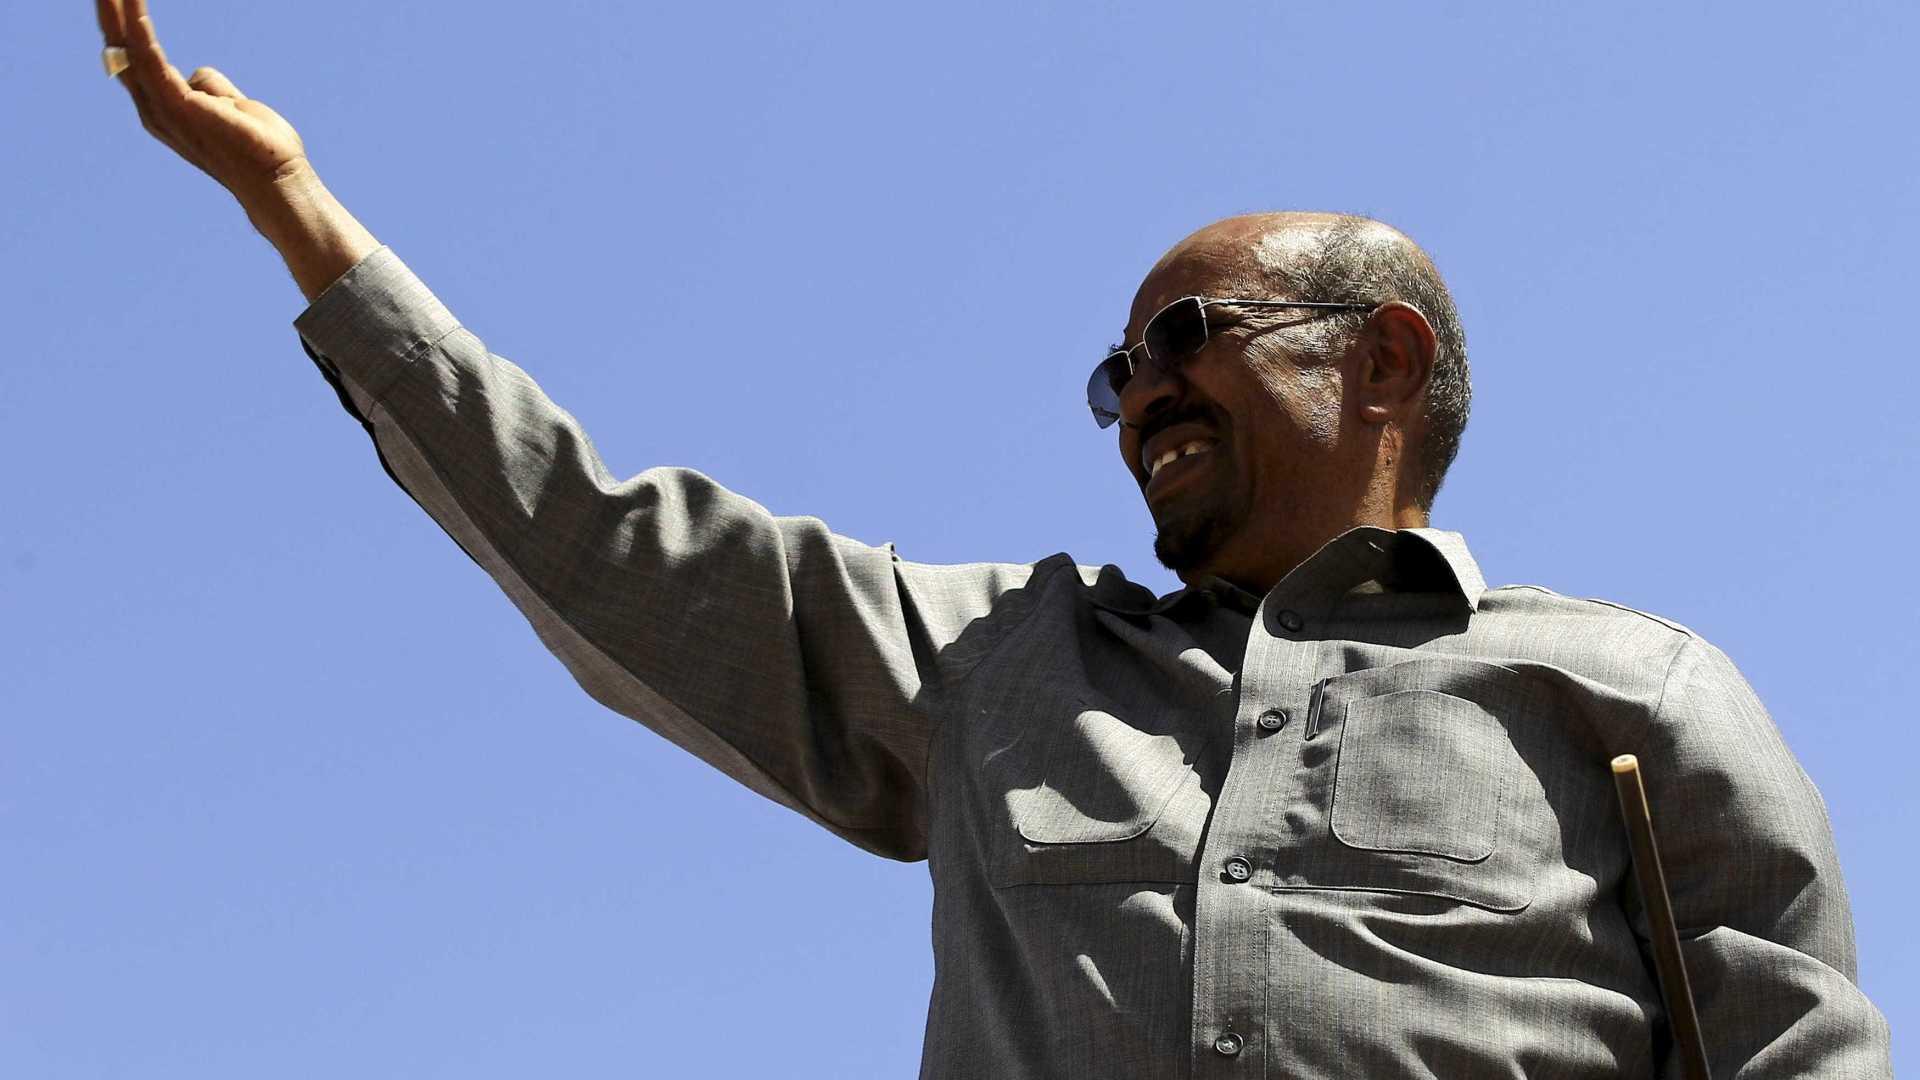 presidente do sudão, procurado pelo tpi, deverá visitar o uganda - Omar al Bashir - Presidente do Sudão, procurado pelo TPI, deverá visitar o Uganda